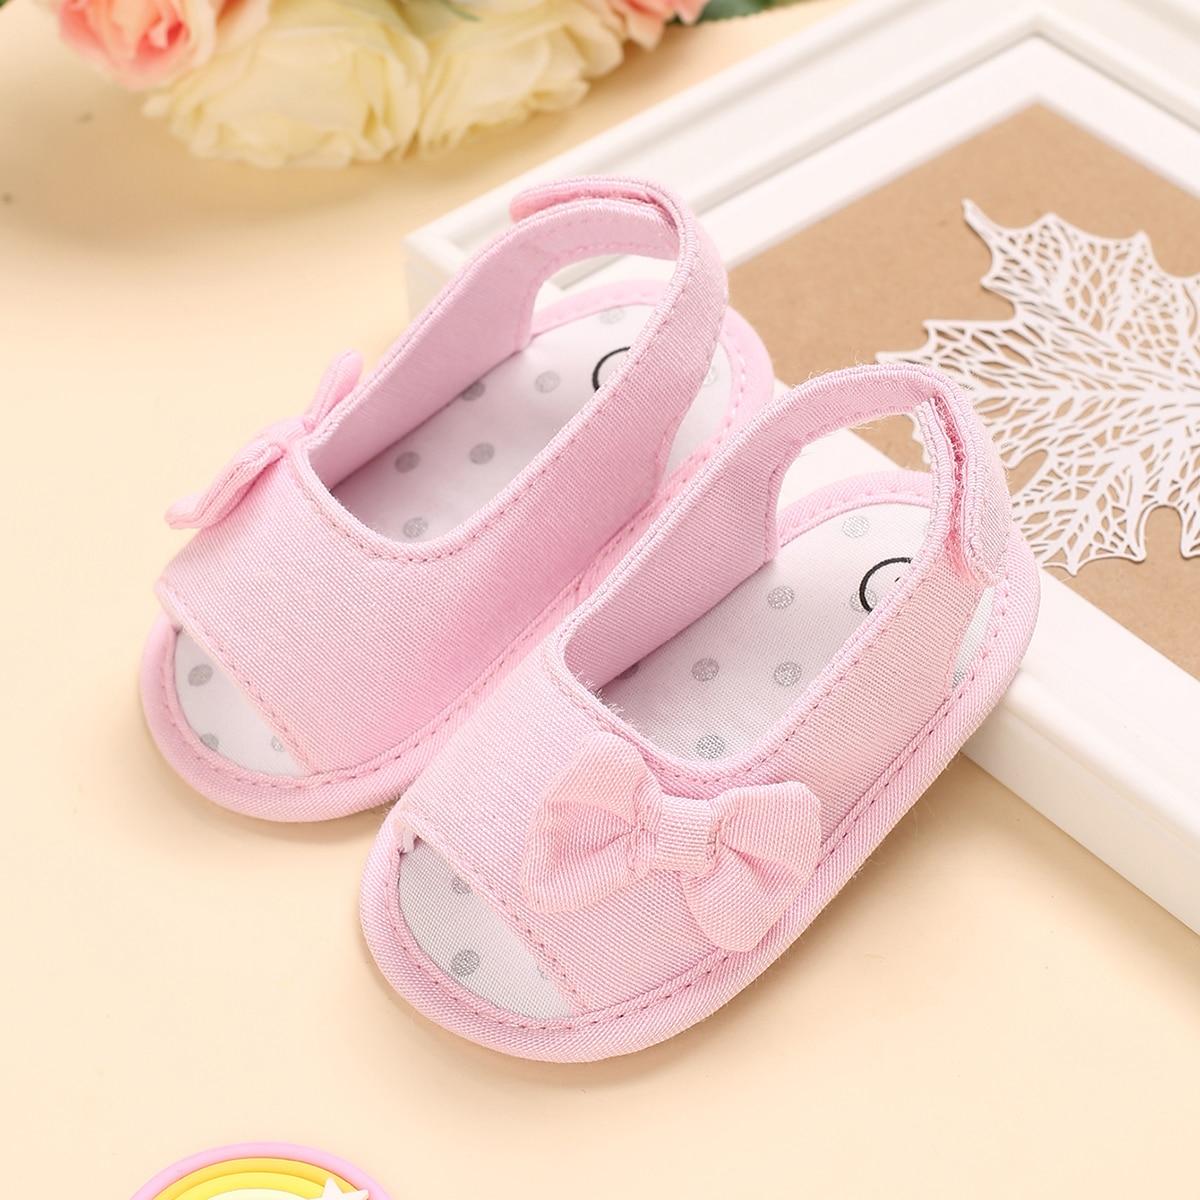 Детские минималистичные сандалии с бантом SheIn sk2108103747280301